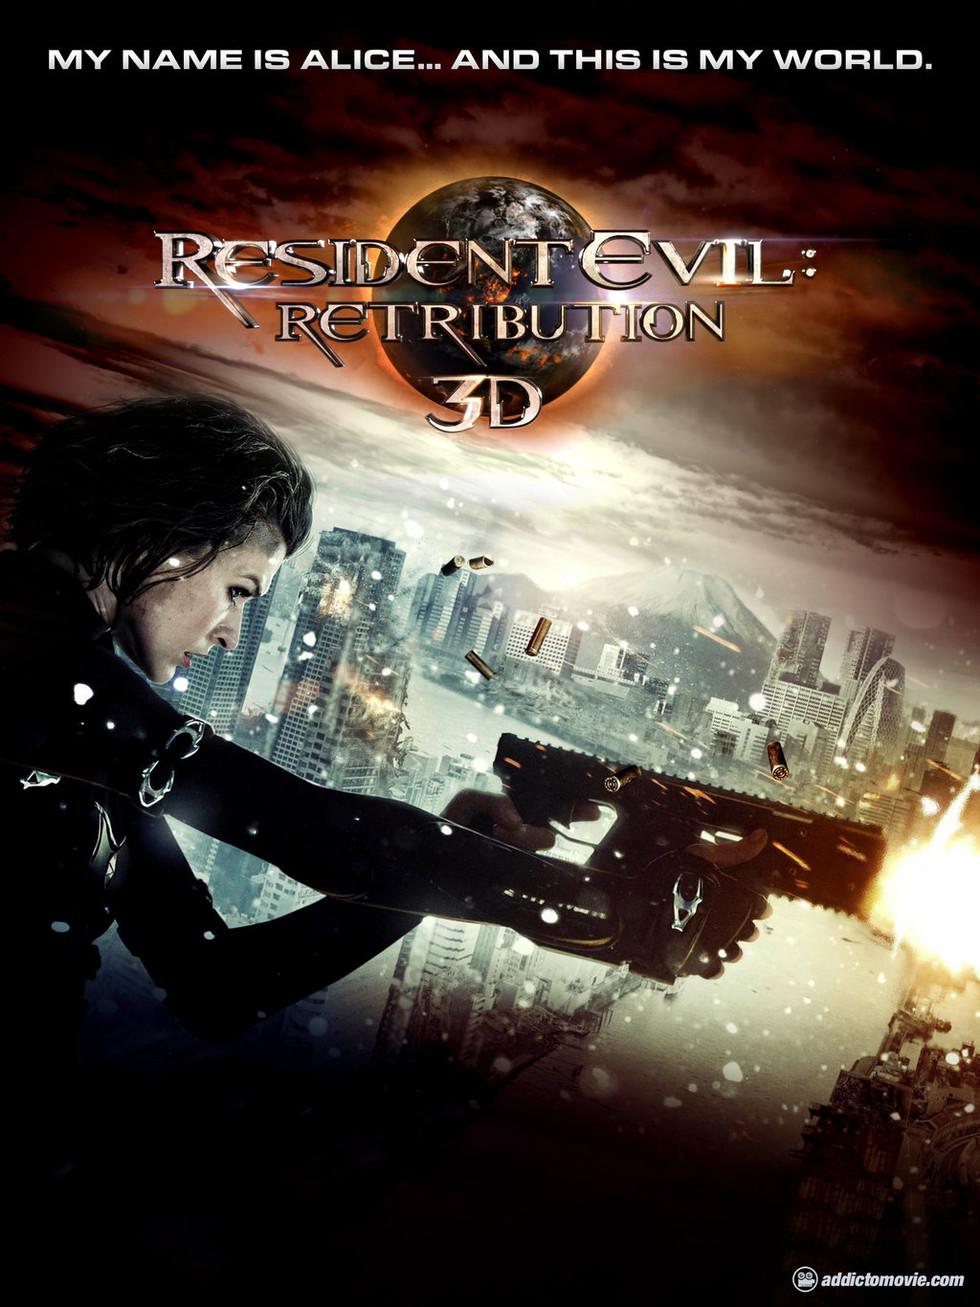 Resident Evil: Retribution - Movie Poster #1 (Large)